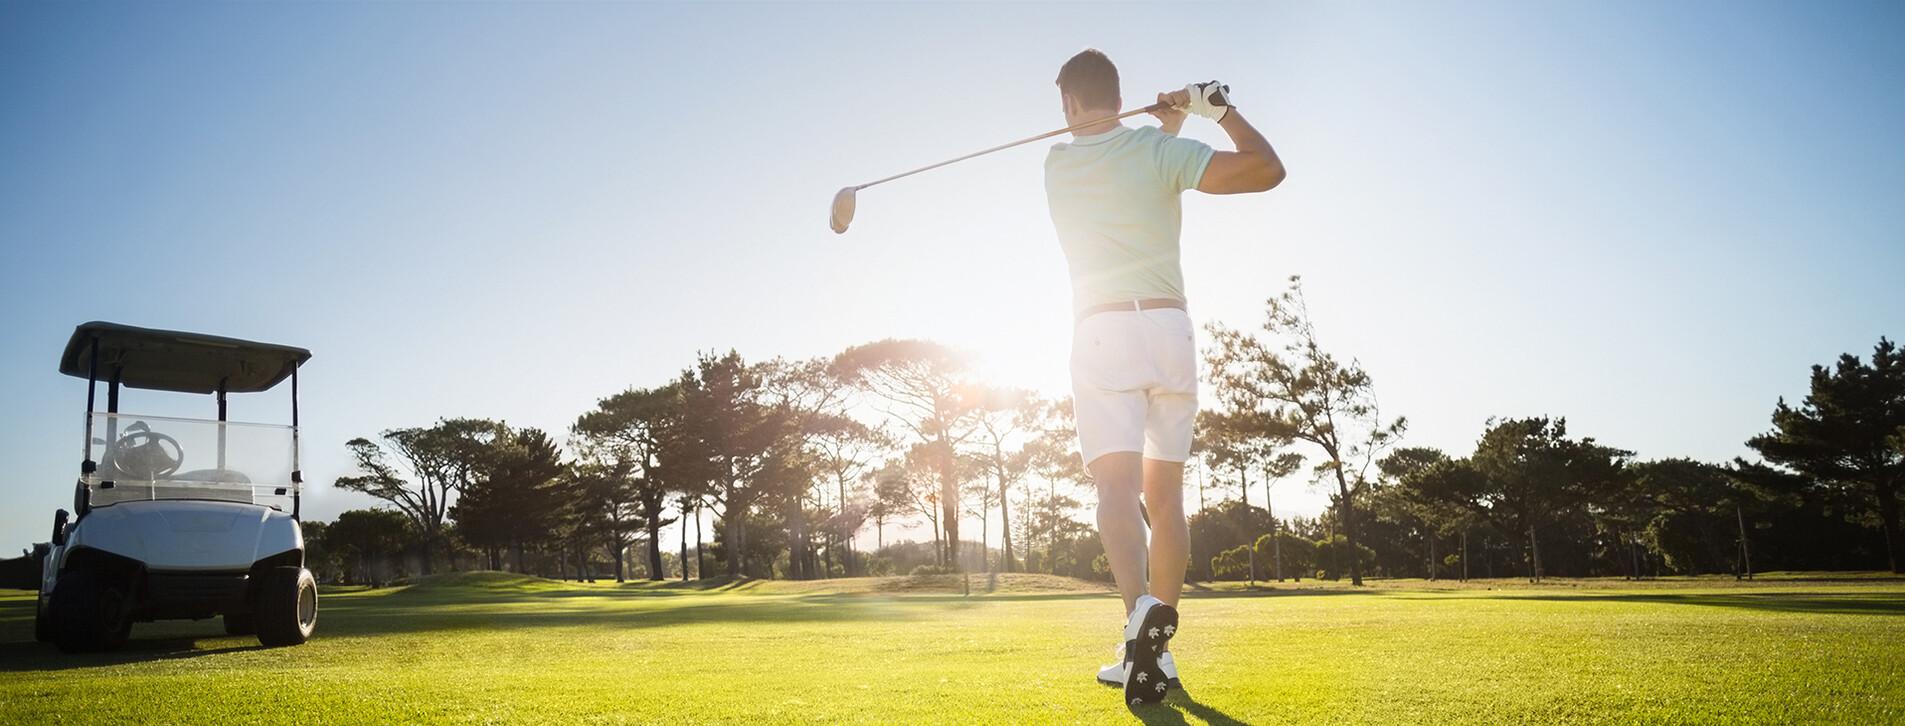 Фото 1 - Мастер-класс гольфа в загородном клубе для компании